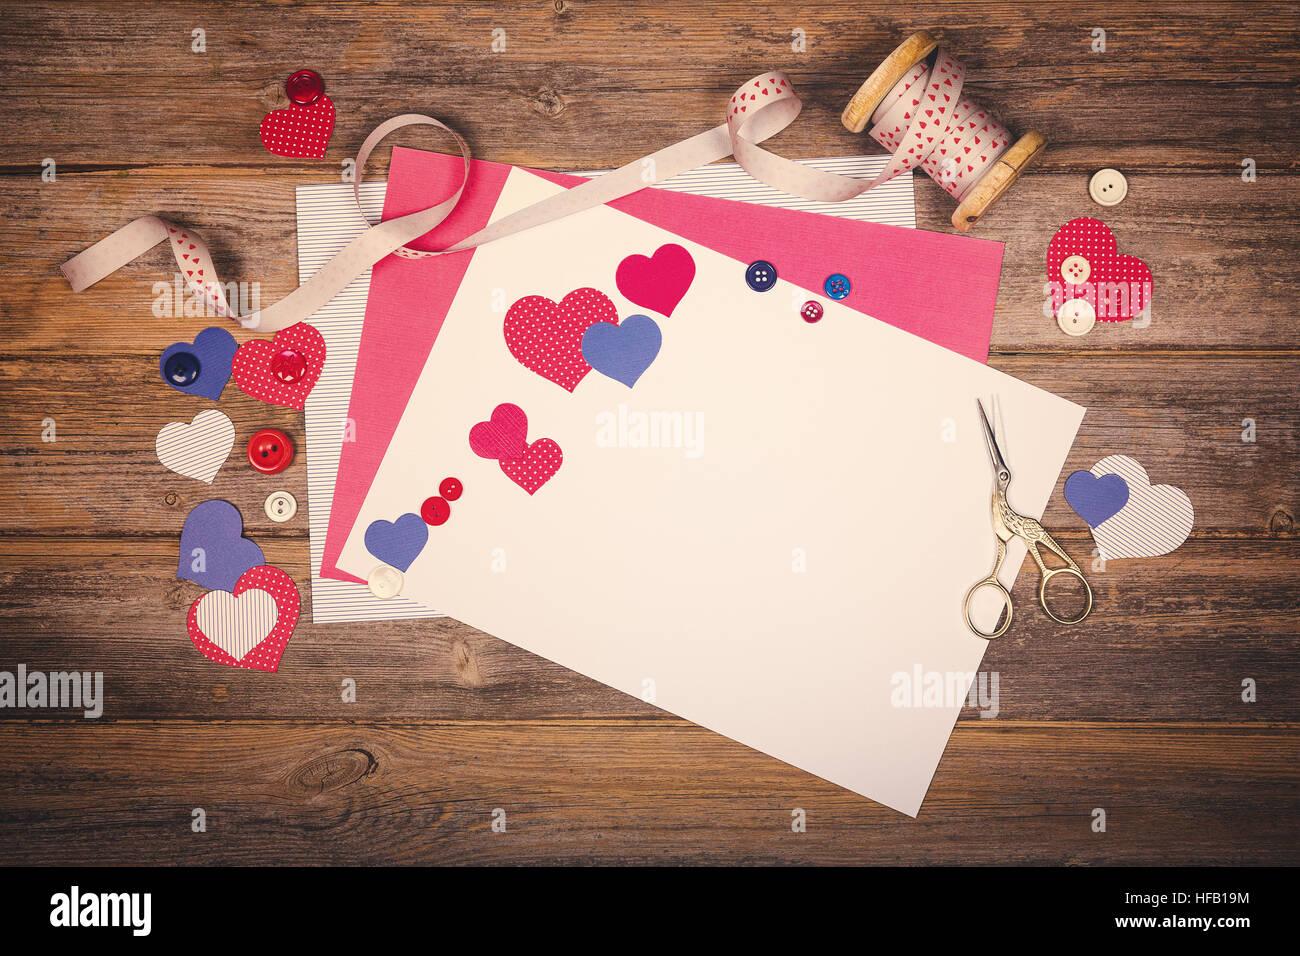 Un arrière-plan à thème scrapbooking vintage avec coeur, le papier kraft, ruban et boutons. L'espace Photo Stock